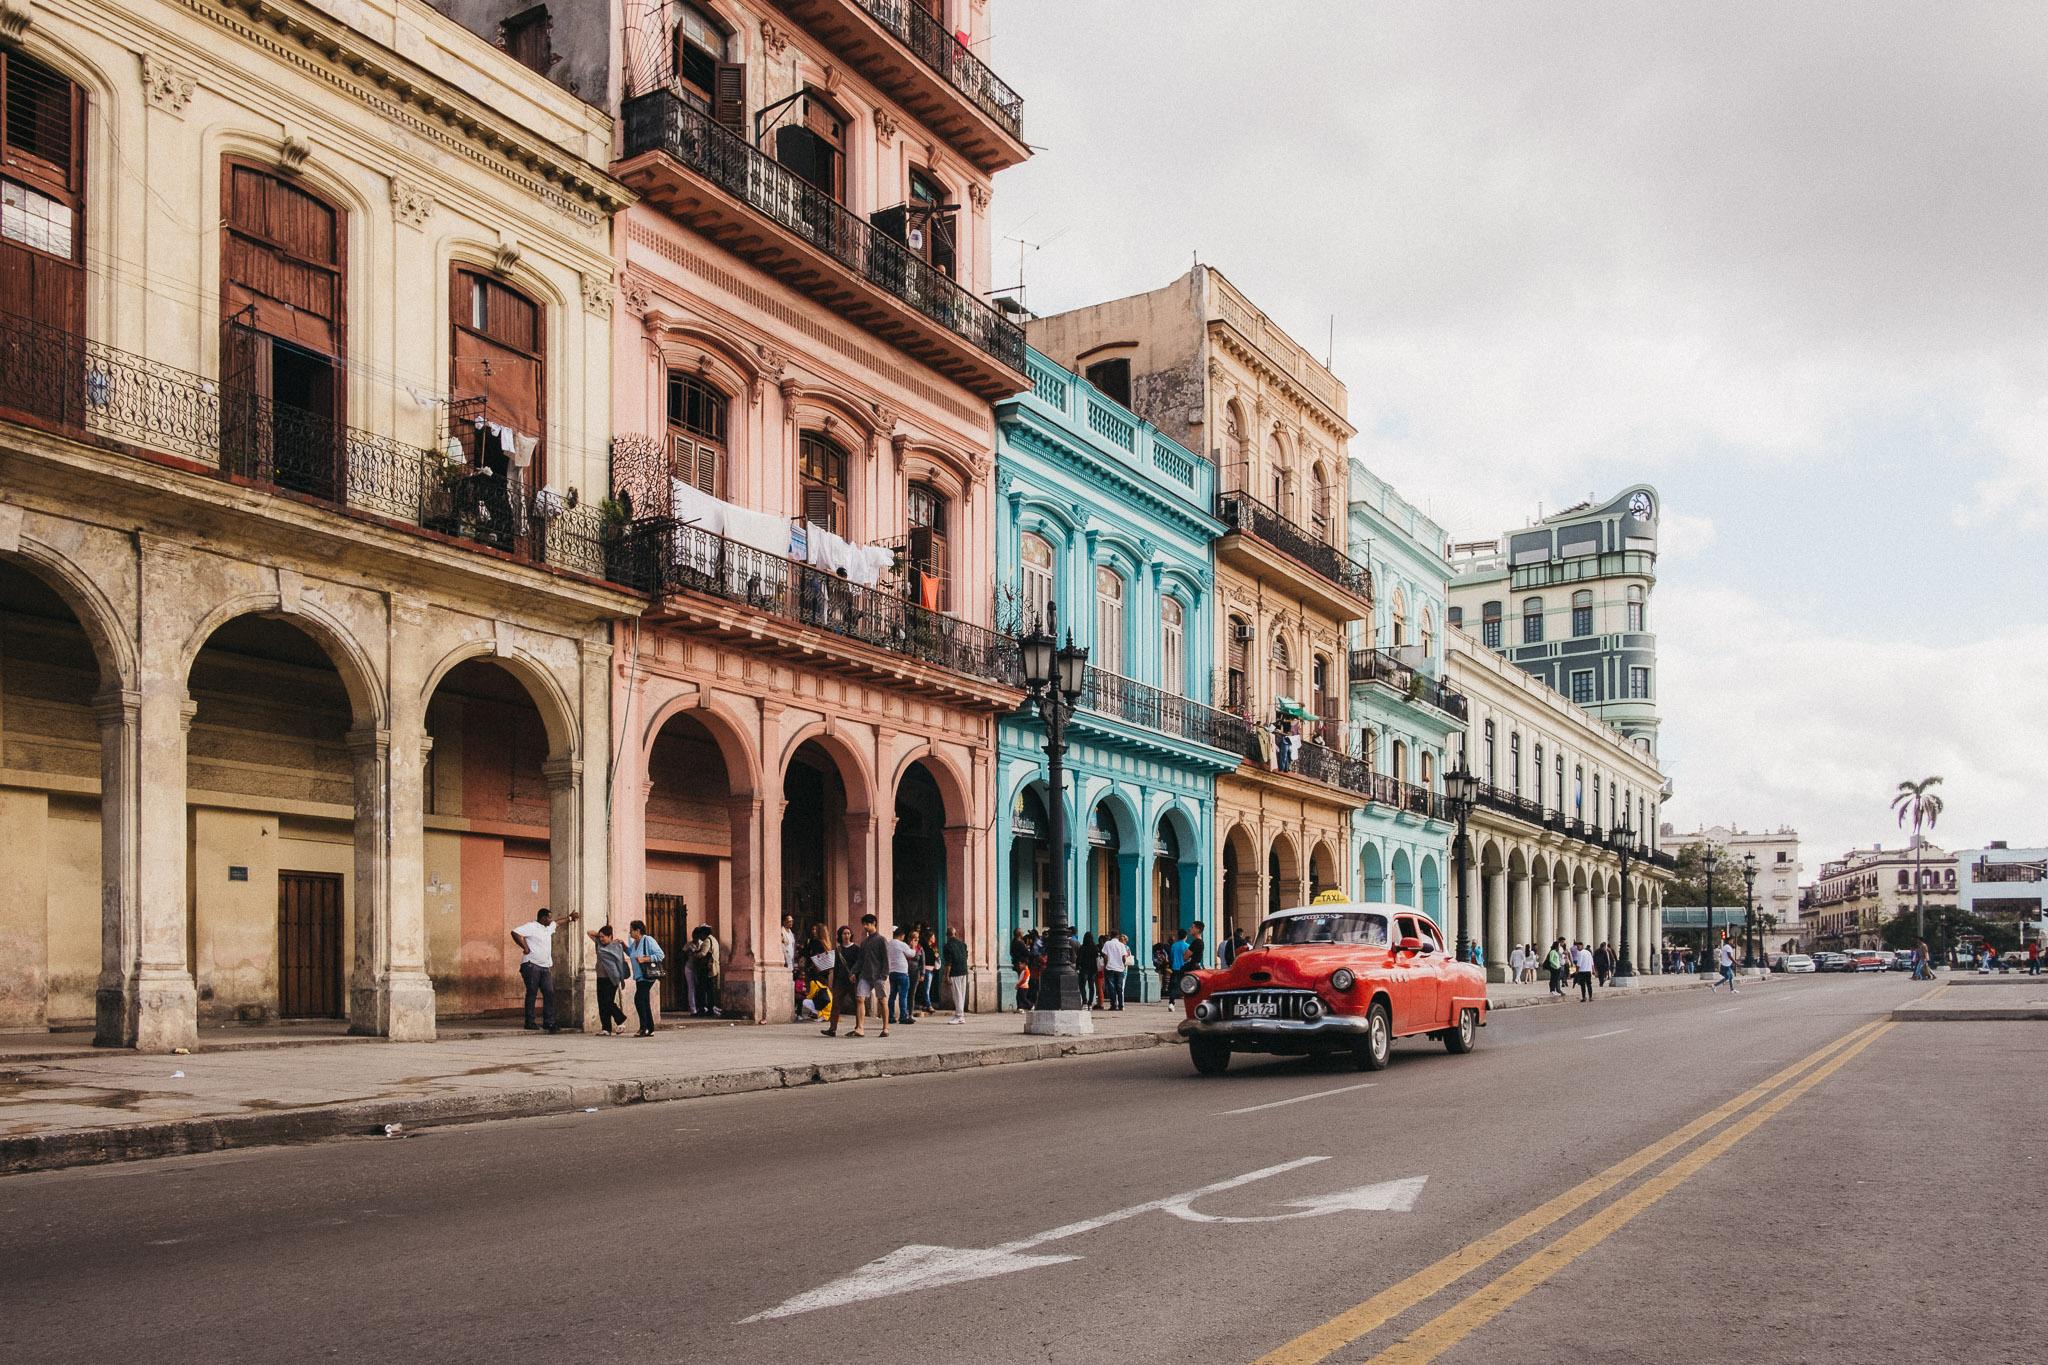 Cuba-2017-12-Havana-0481.jpg